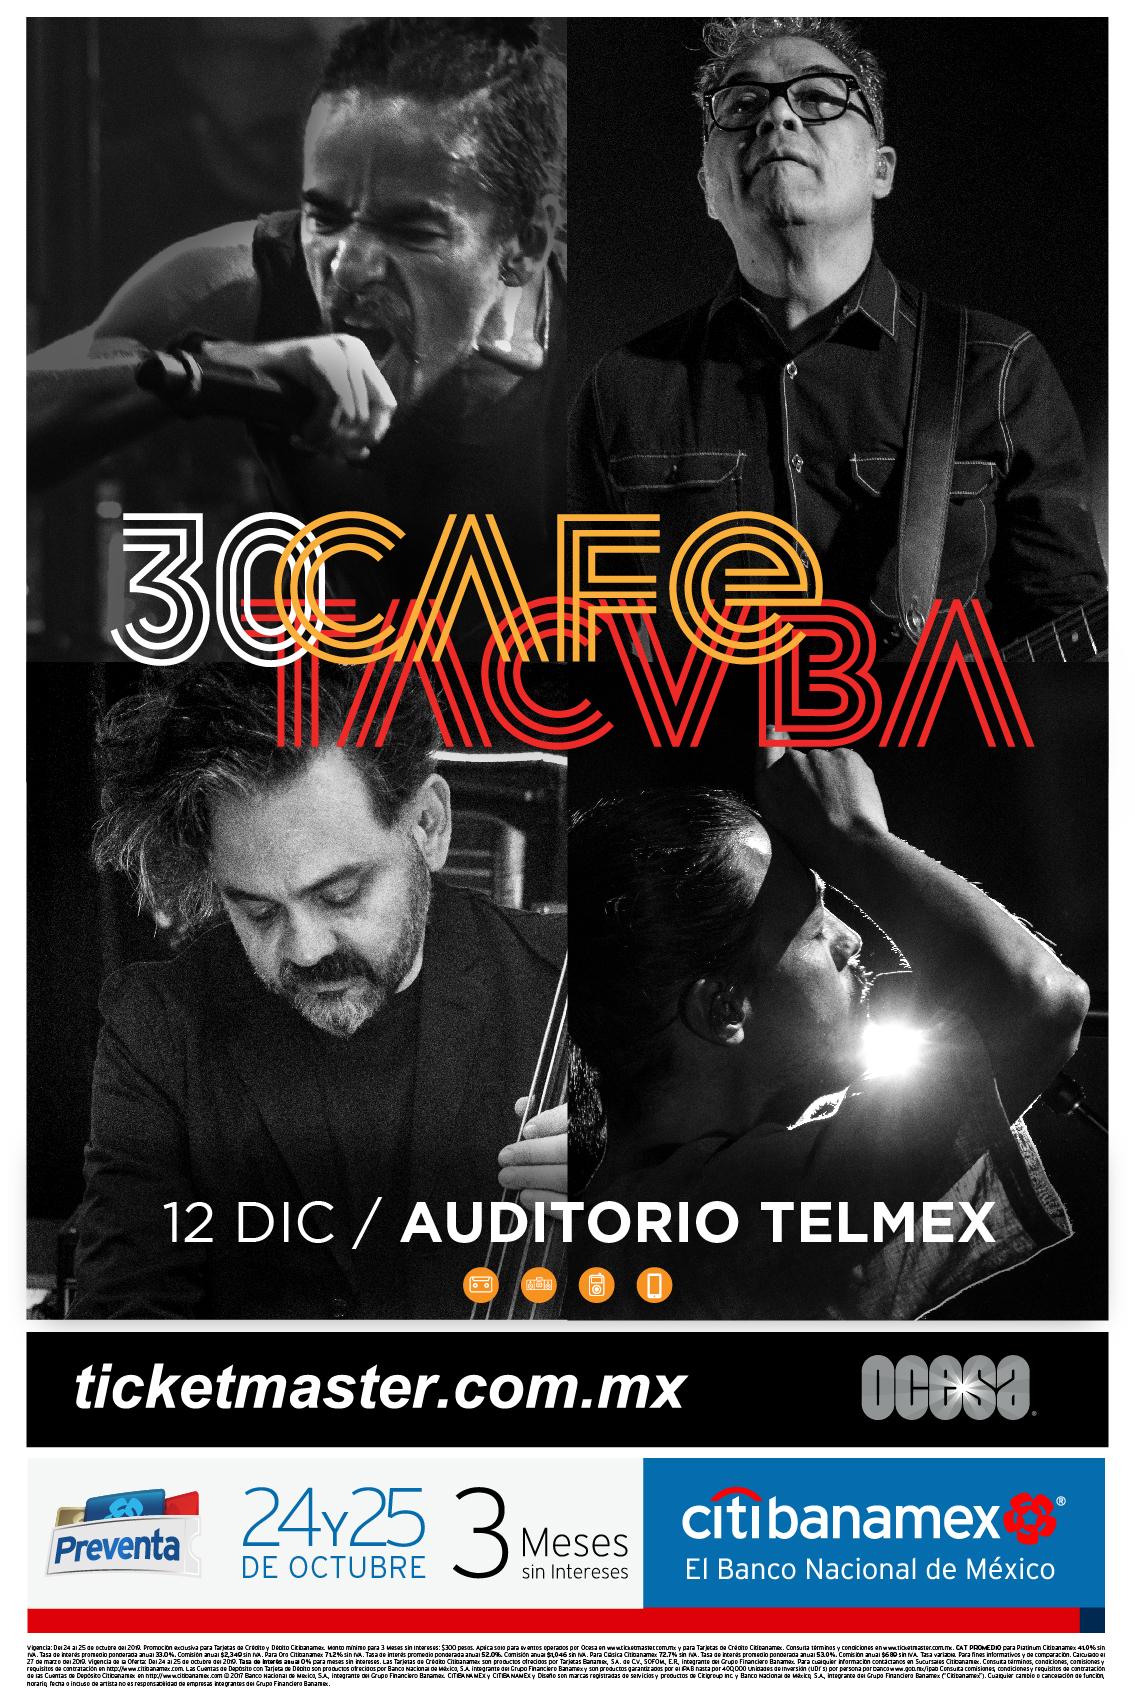 Café Tacvba festejará 30 años de carrera con tremendo concierto en Guadalajara